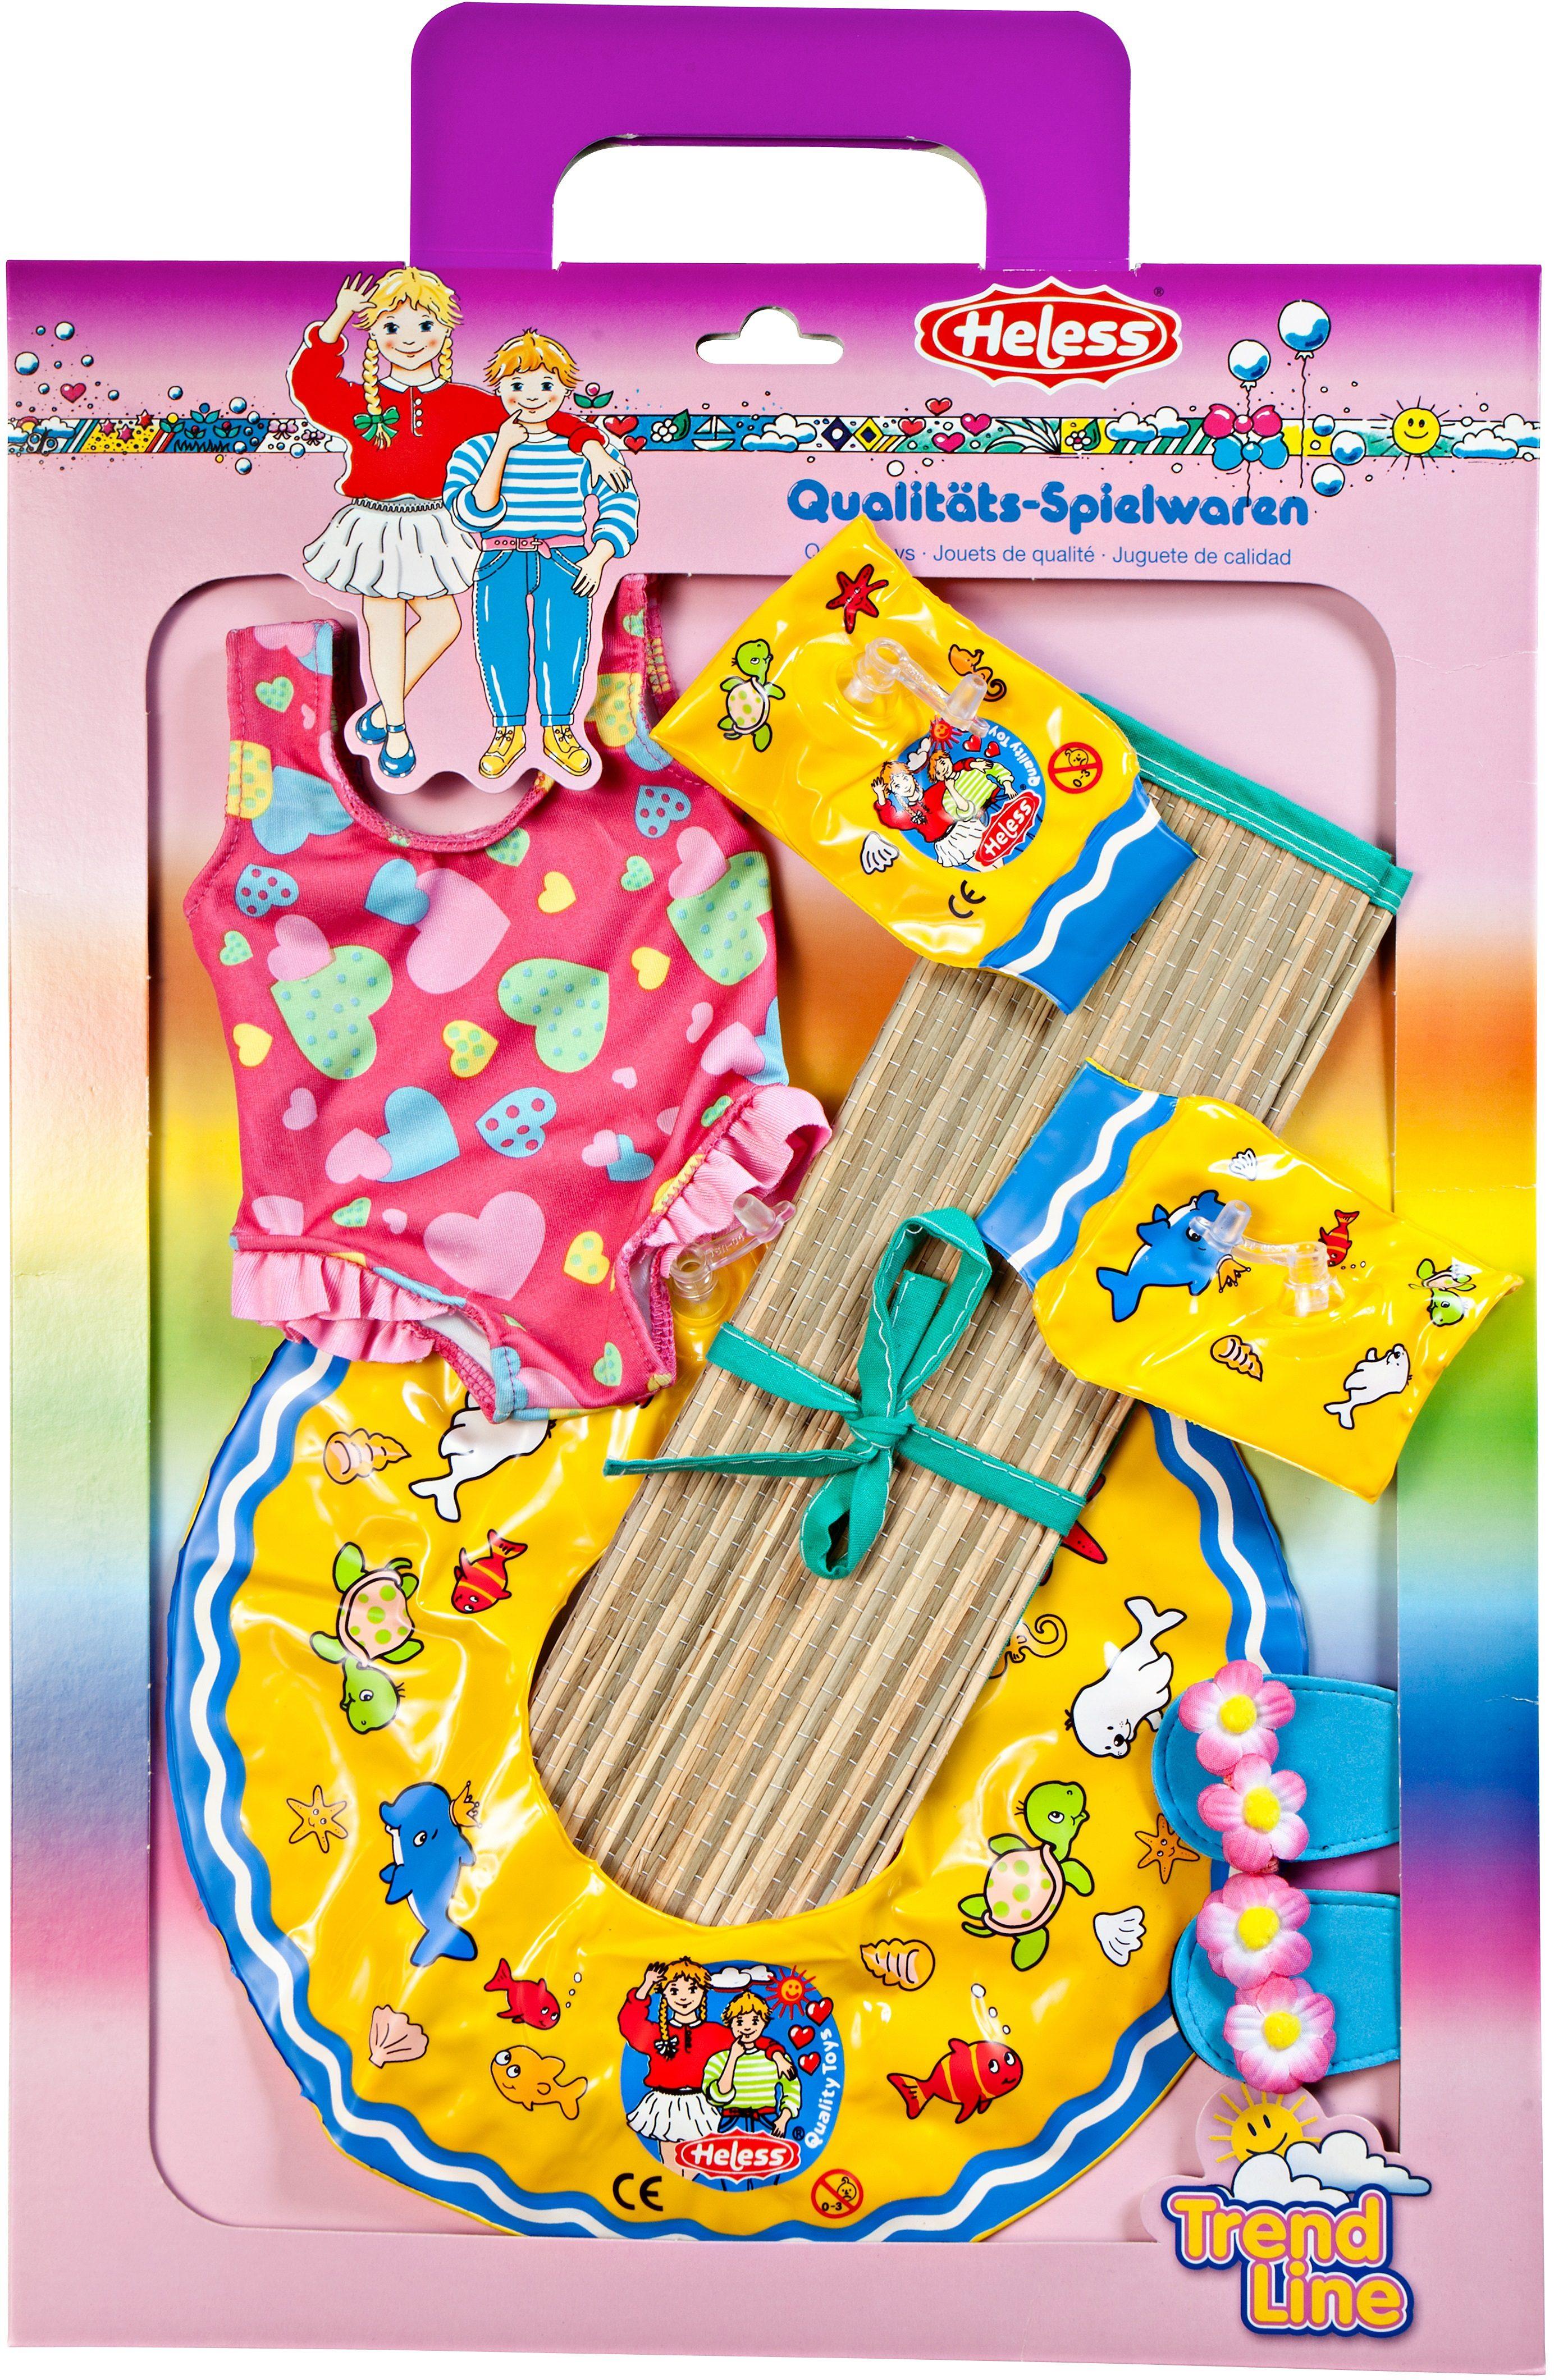 Heless® Schwimmset für Puppen Größe 35-45 cm